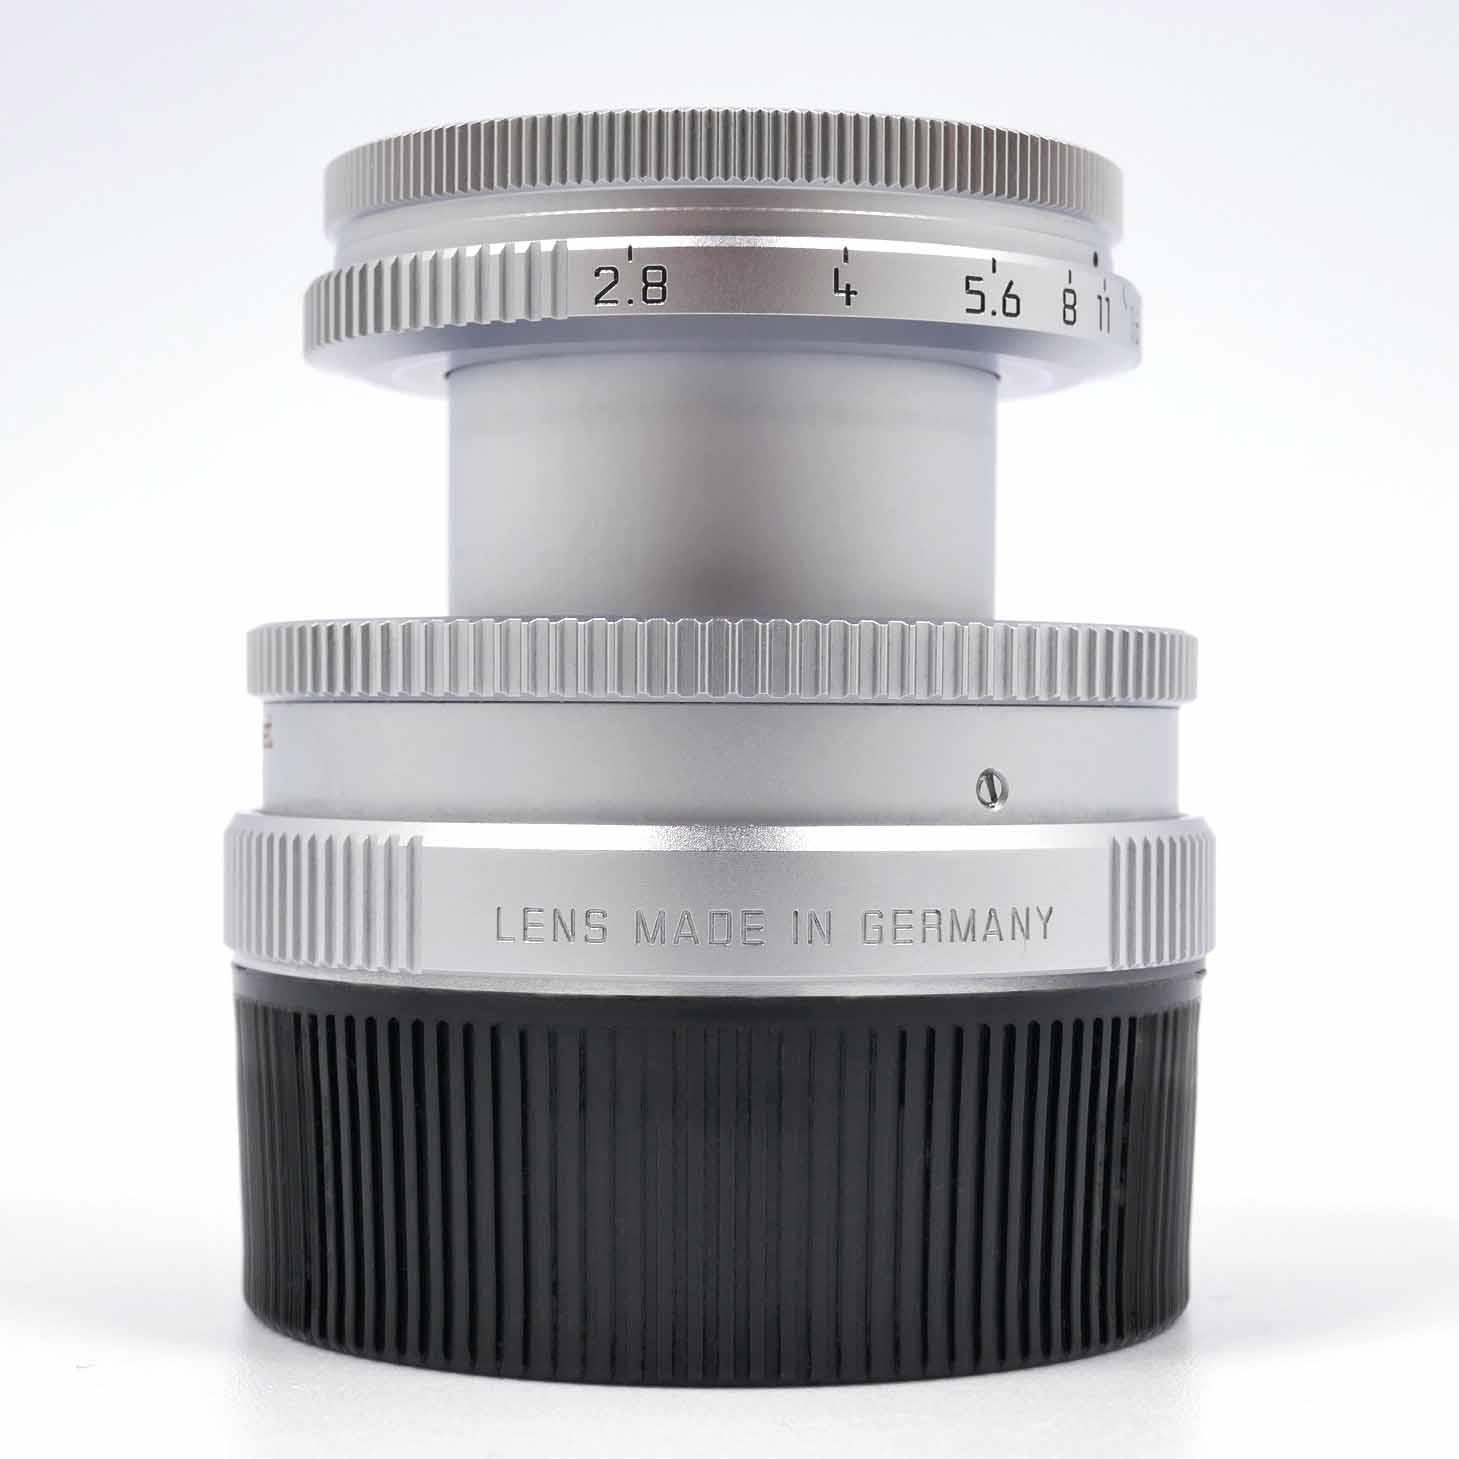 clean-cameras-Leica-Elmar-M-2.8_50mm-11823-04